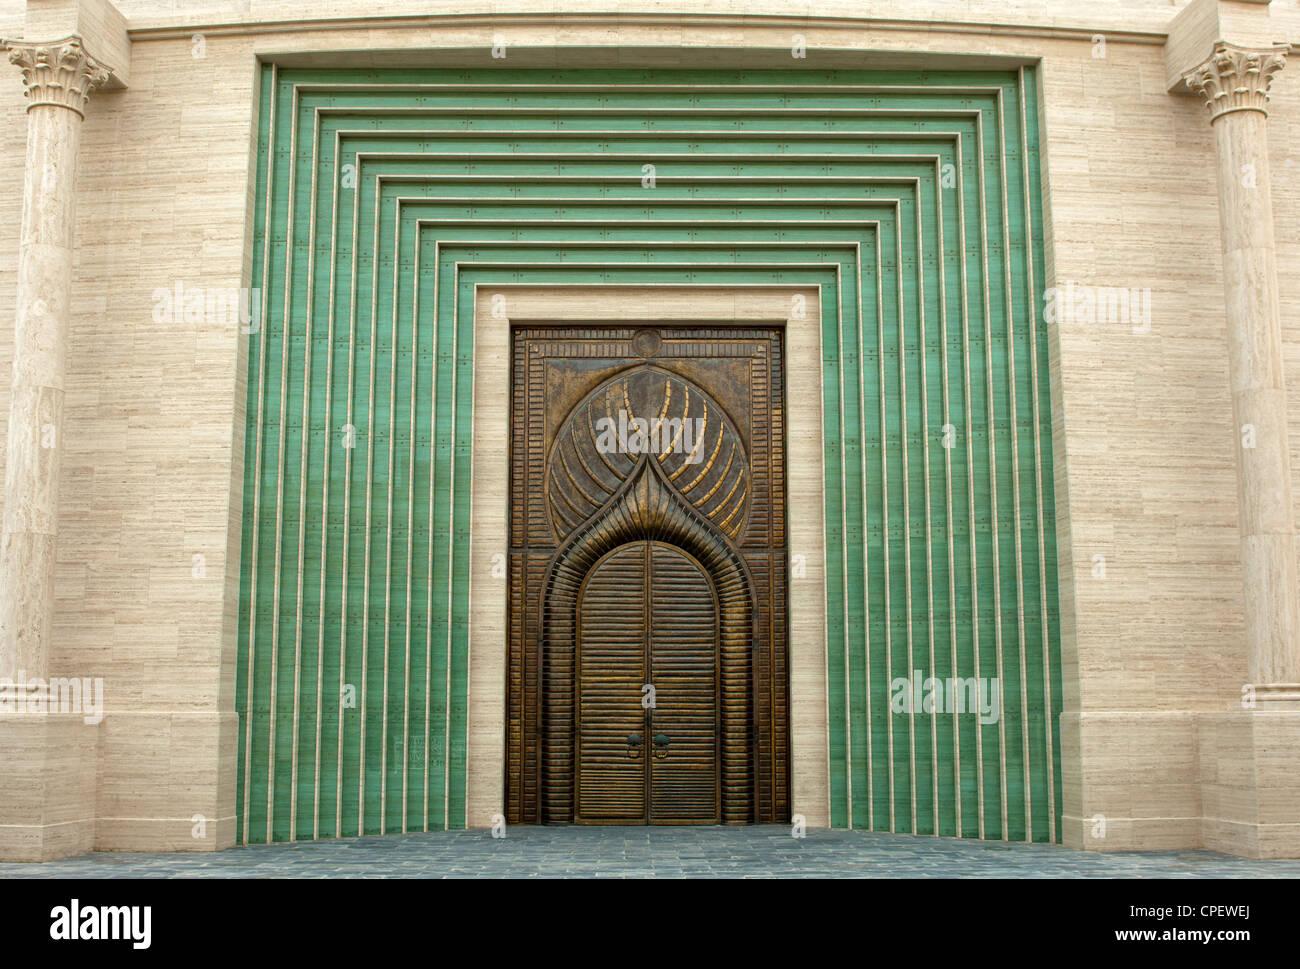 Ornati porta in rame del portale dell'anfiteatro presso il Katara Villaggio Culturale, Doha, Qatar Immagini Stock